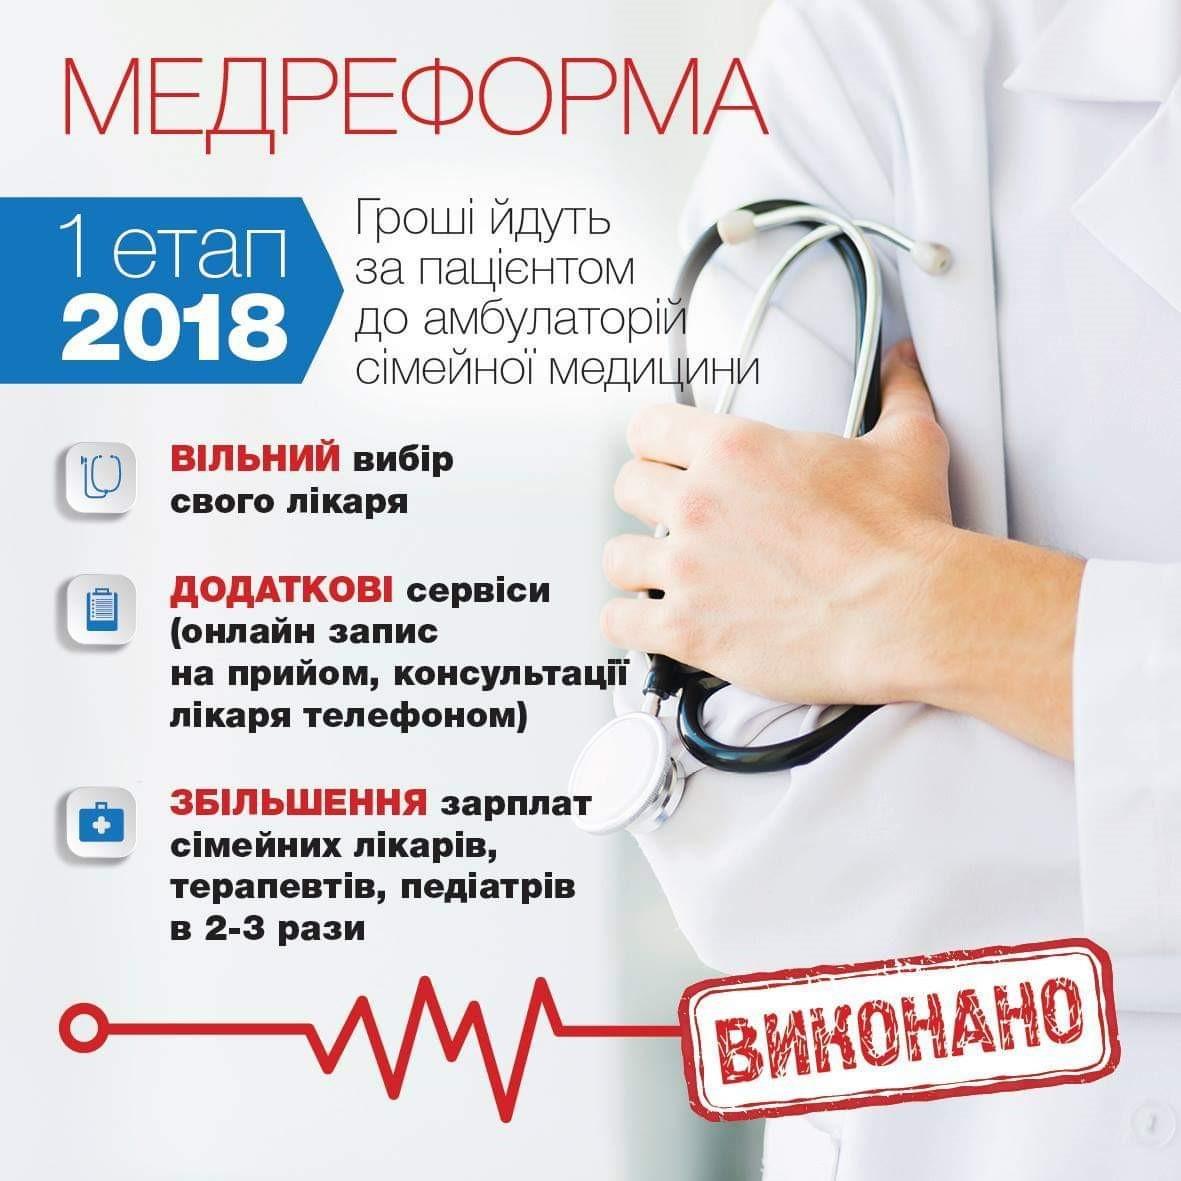 2019_01_17med_reforma_1[1]